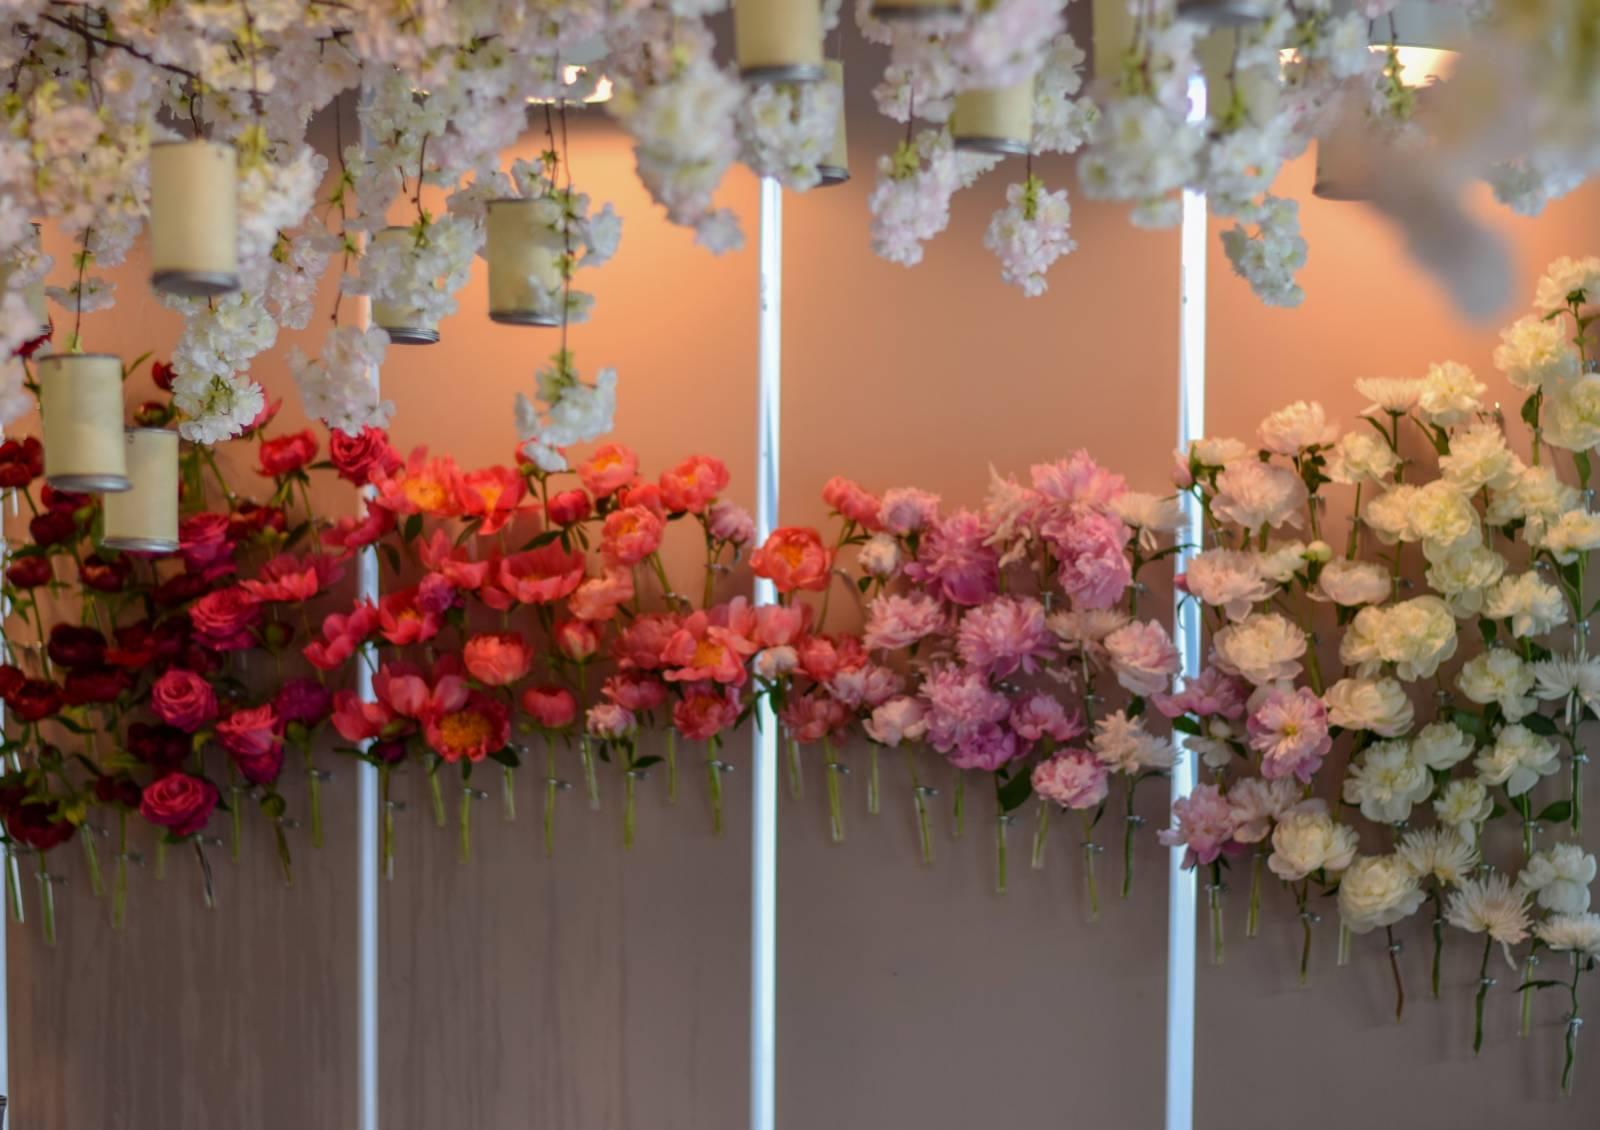 Degroote Bloemen - Bloemist - Bruidsboeket - Bloemen Huwelijk - Trouwen - House of Weddings - 13